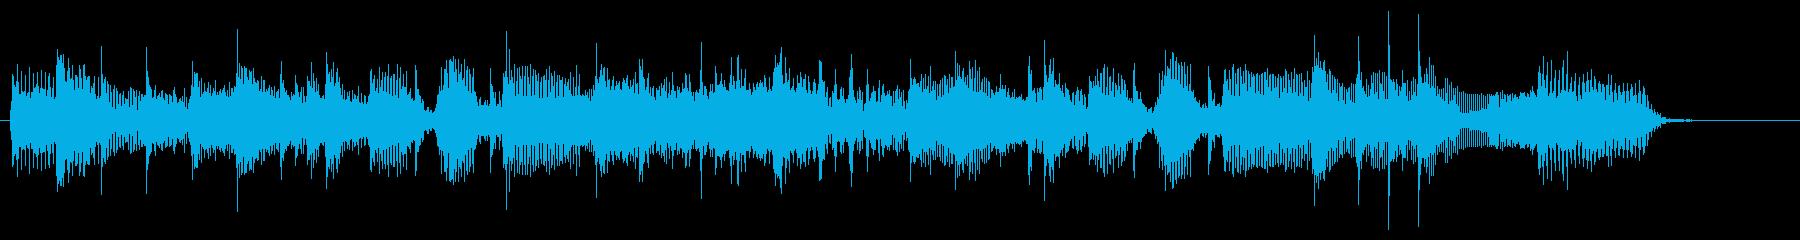 シャッフルリズムのロックBGMジングルの再生済みの波形